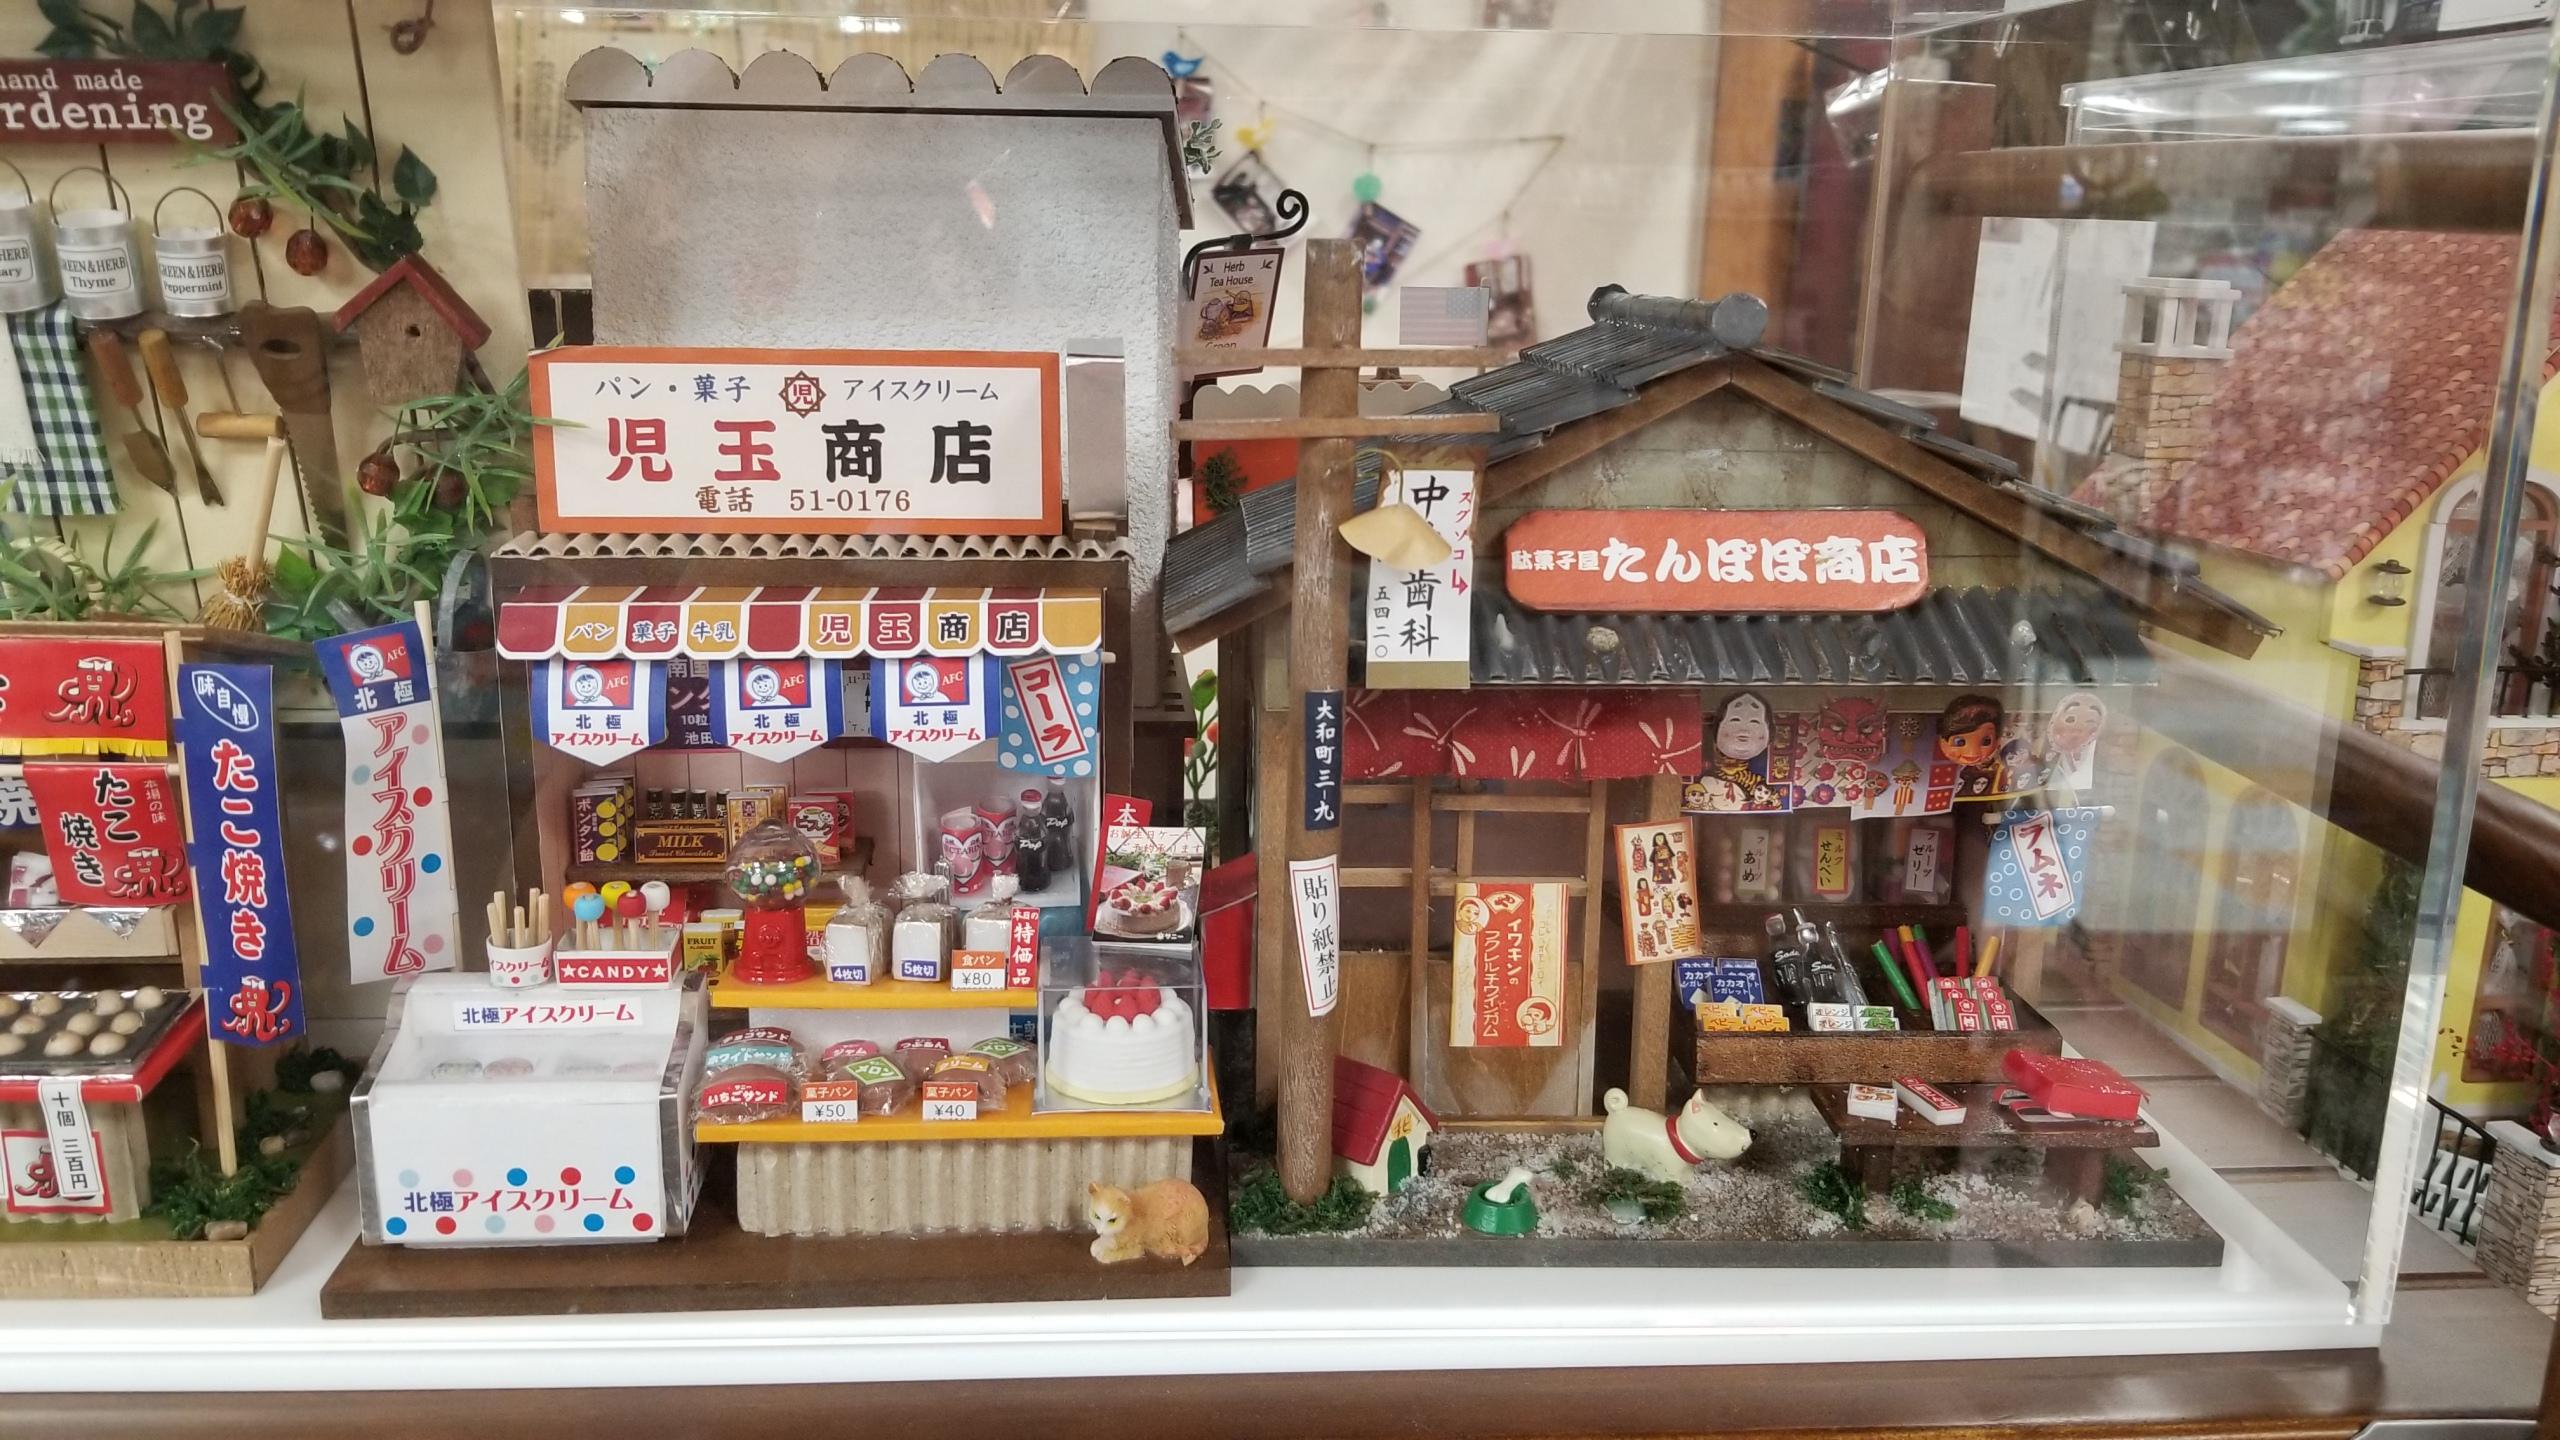 ミニチュア,キット,ドールハウス,駄菓子屋,児玉商店,可愛い,小さい